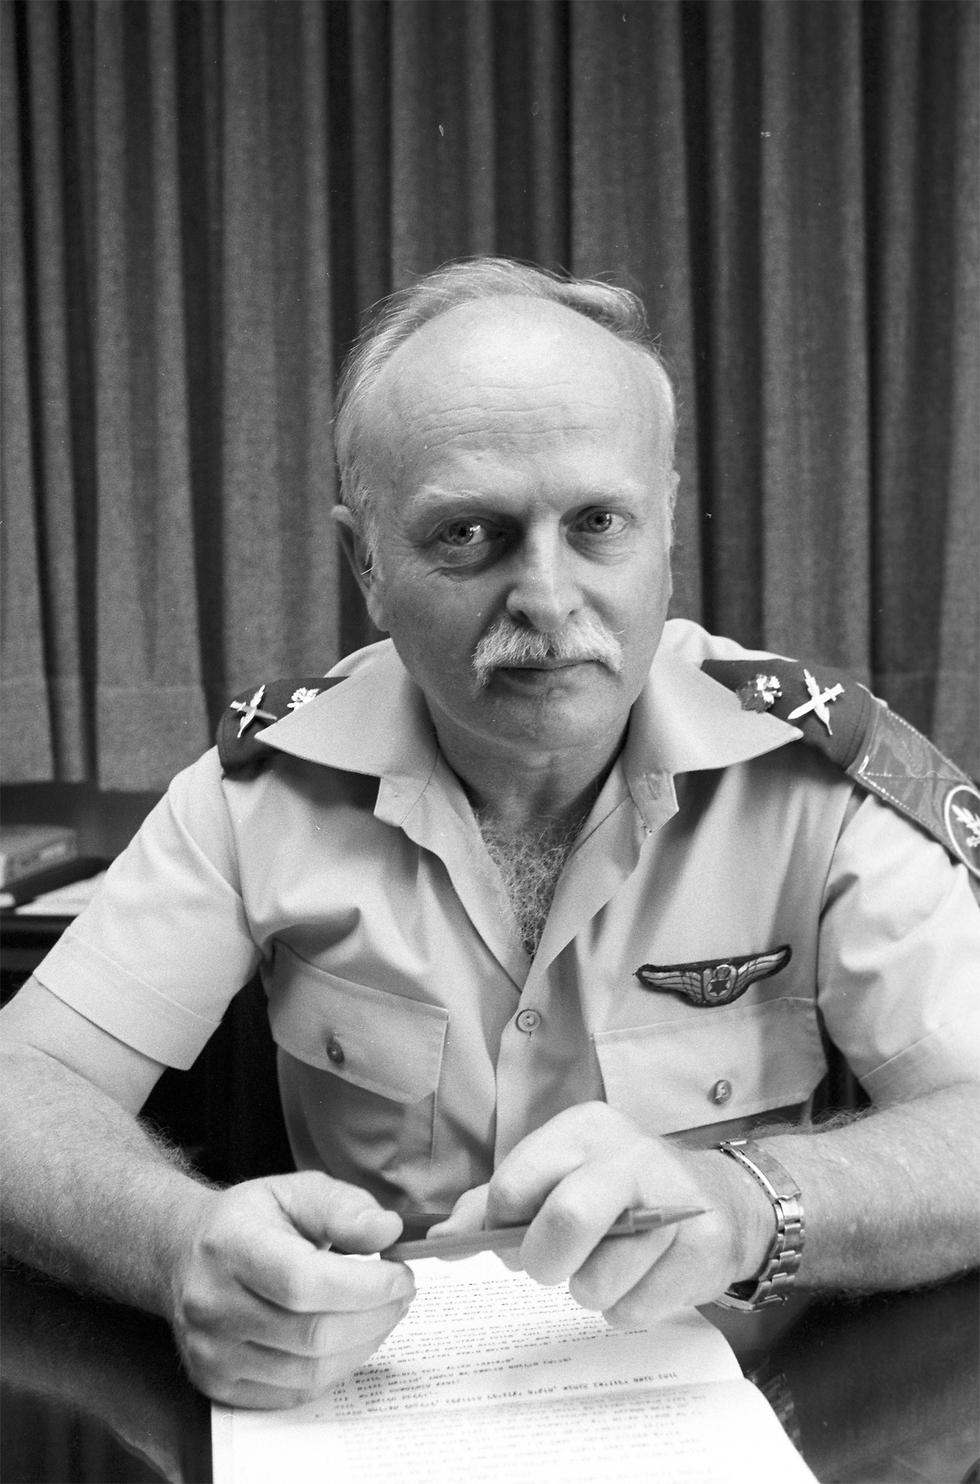 """מפקד חיל האוויר דאז, האלוף עברי. """"תסתובבו, חוזרים הביתה""""  (צילום: דוד רובינגר) (צילום: דוד רובינגר)"""